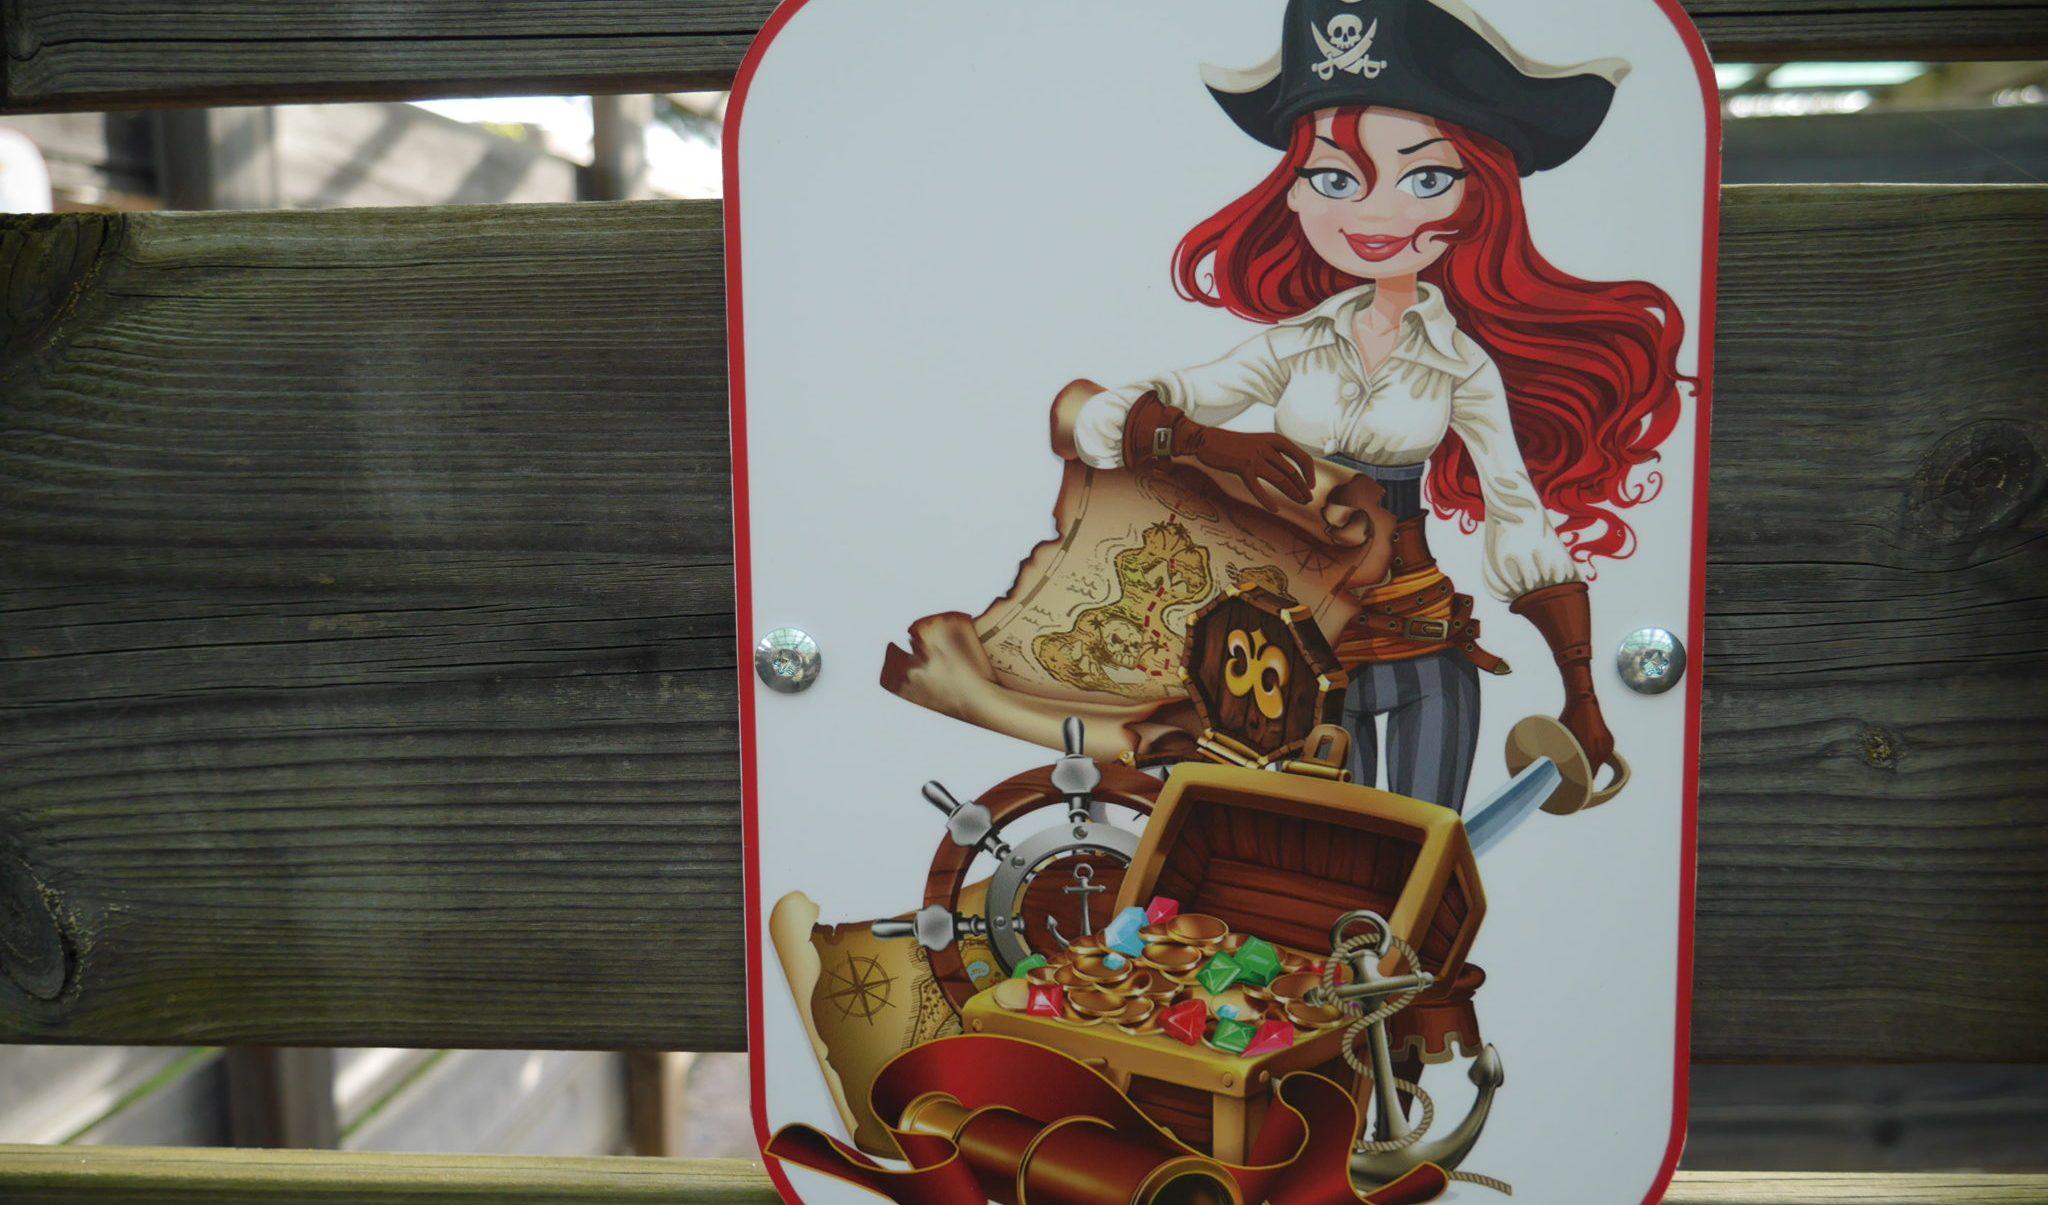 Femme pirate, jeu de l'attraction le labyrinthe au parc Fantassia